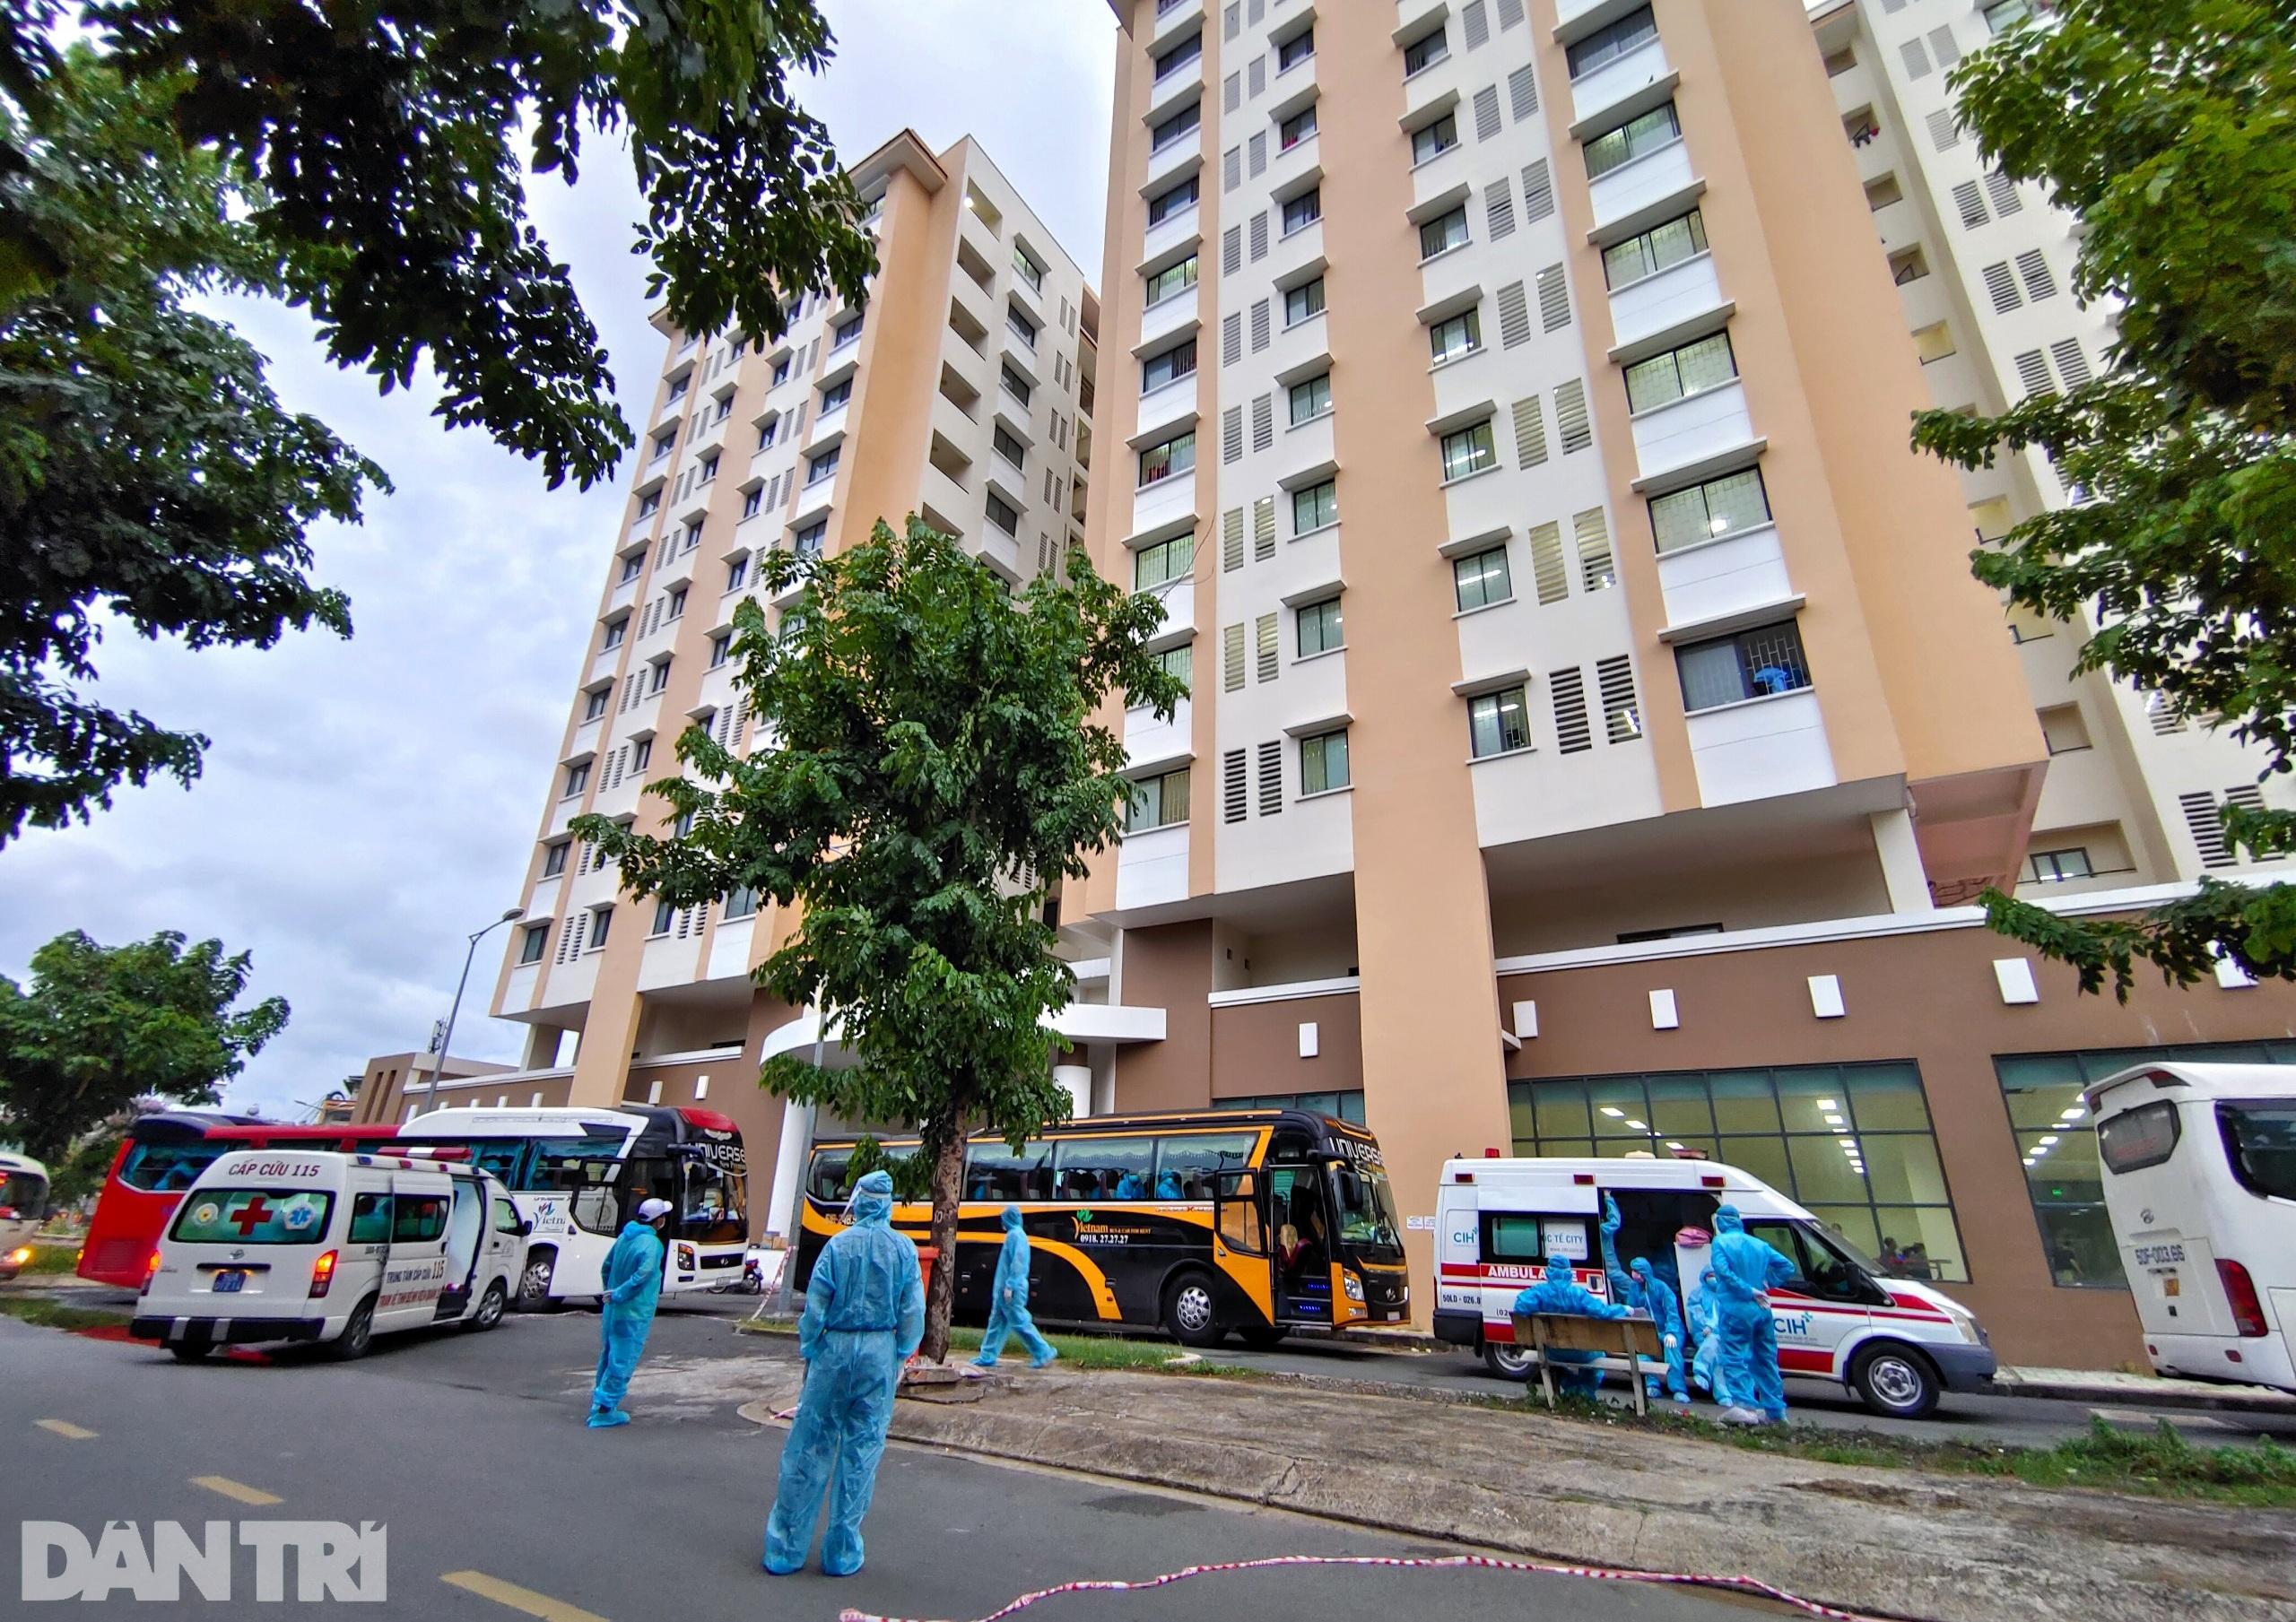 Cận cảnh 3 khu chung cư ở TPHCM được trưng dụng làm bệnh viện dã chiến - 9